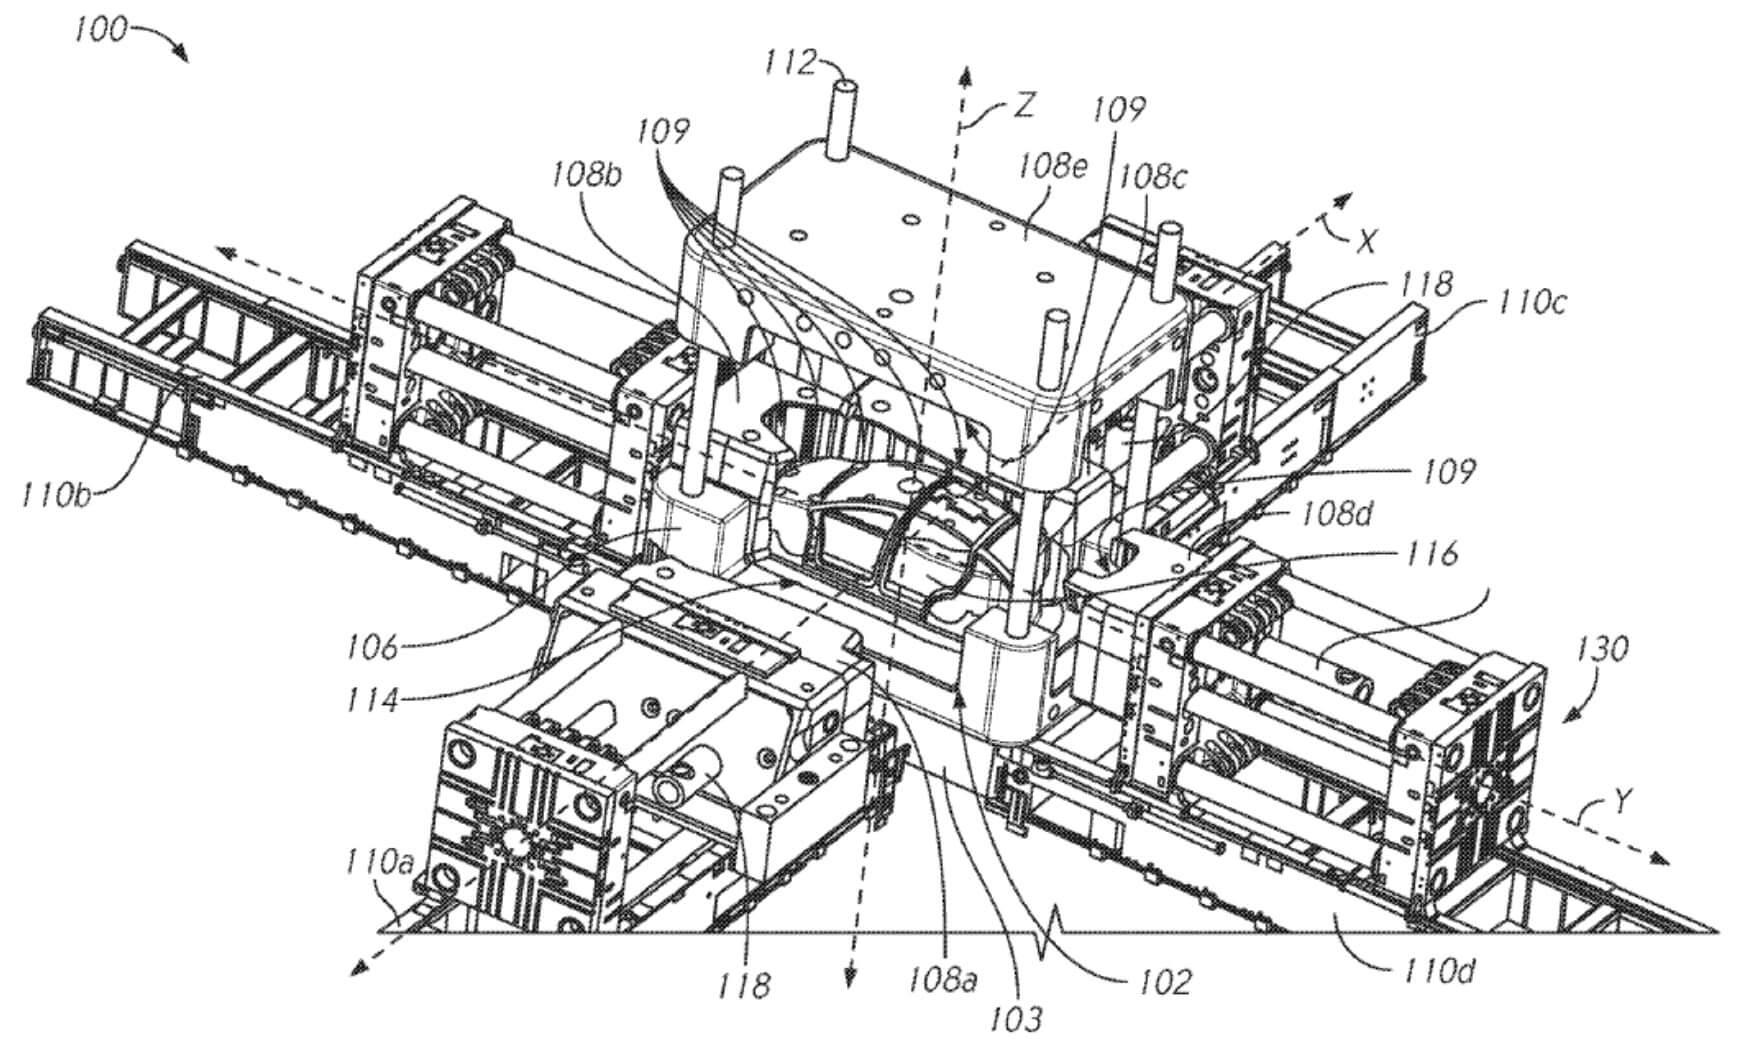 Гигантская литейная машина будет отливать цельные детали кузов электрокаров Tesla